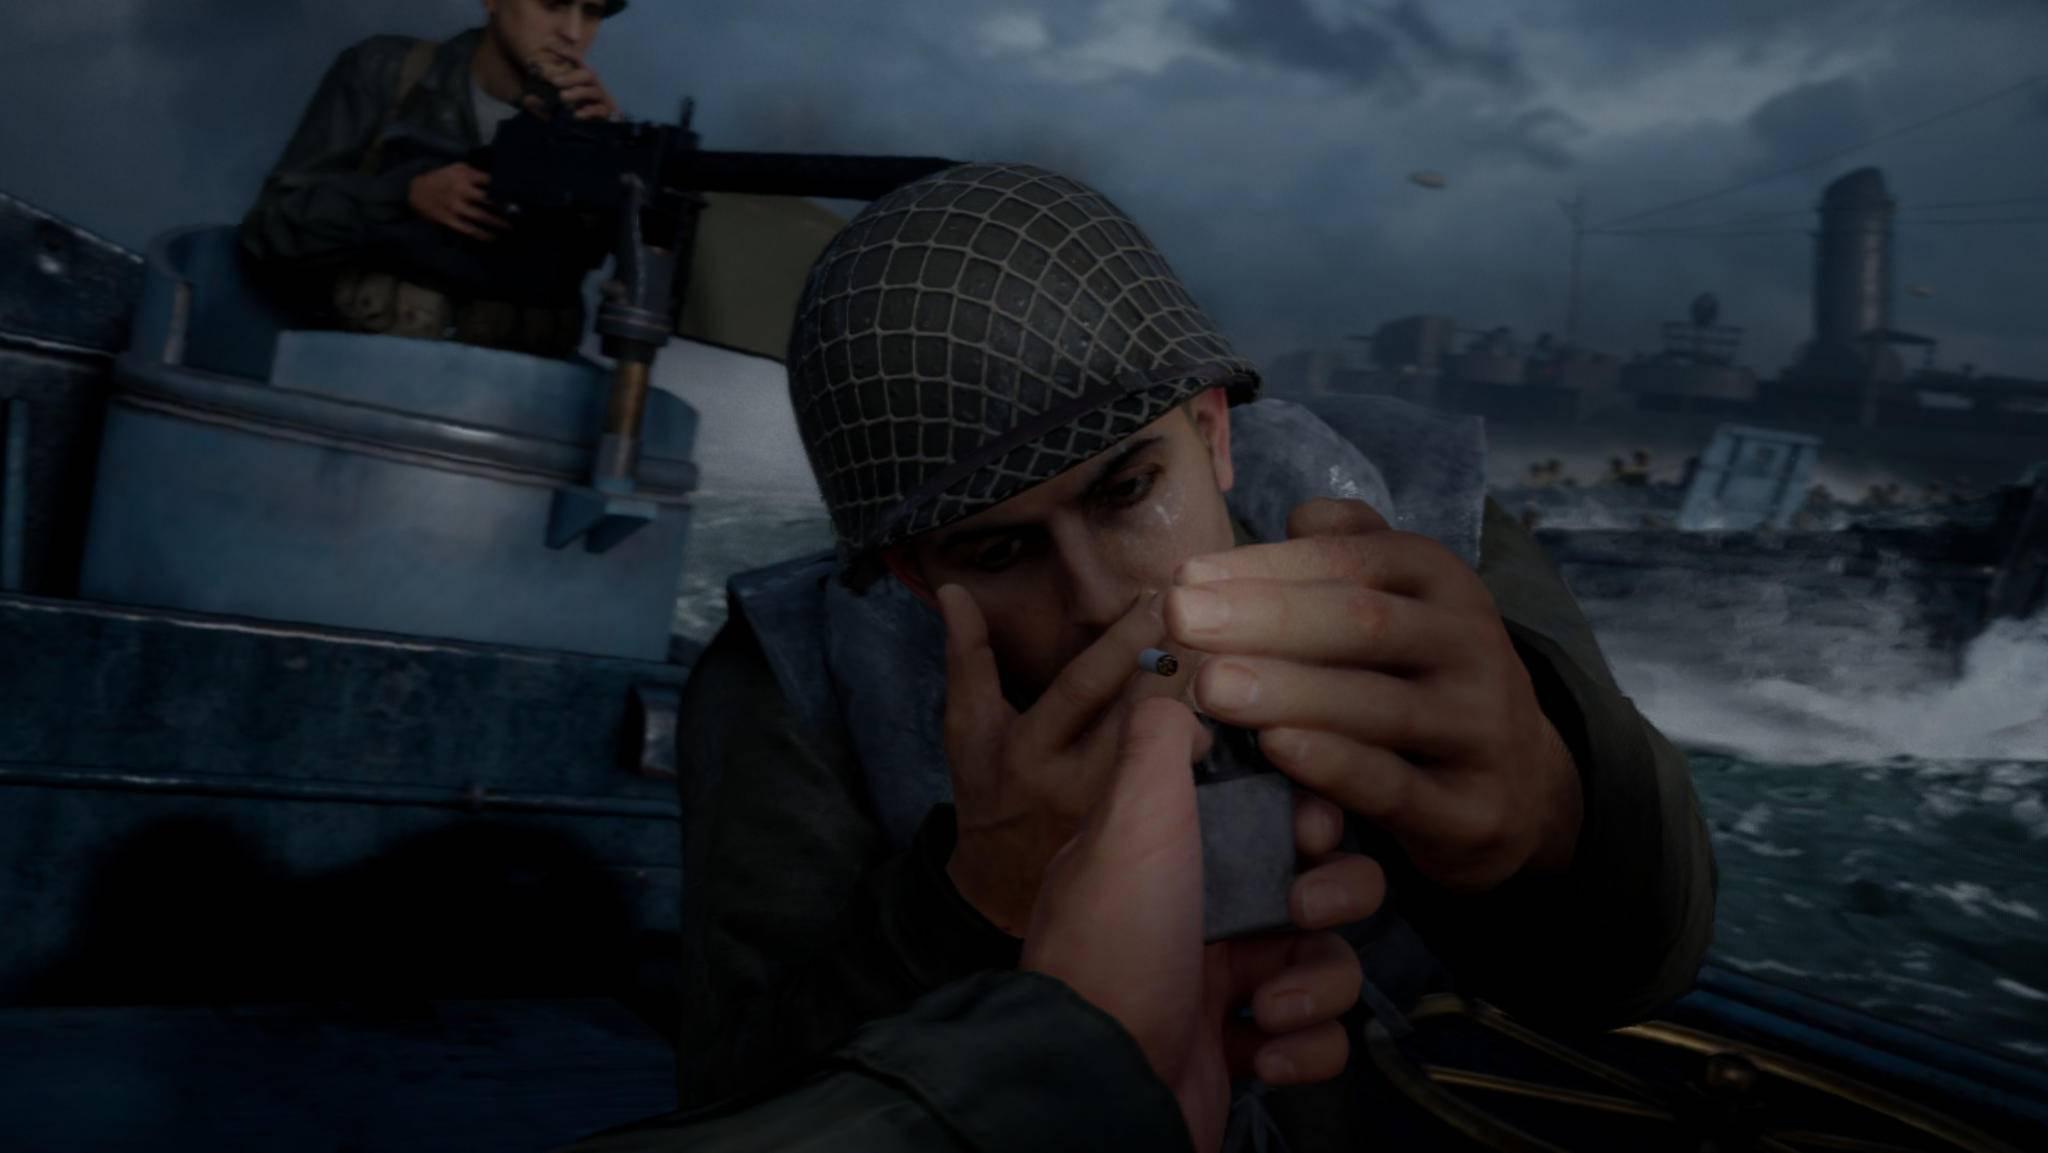 """Die filmreif inszenierte Kampagne gehört zu """"Call of Duty"""" seit den Anfängen dazu – und nun soll sie abgeschafft werden?"""